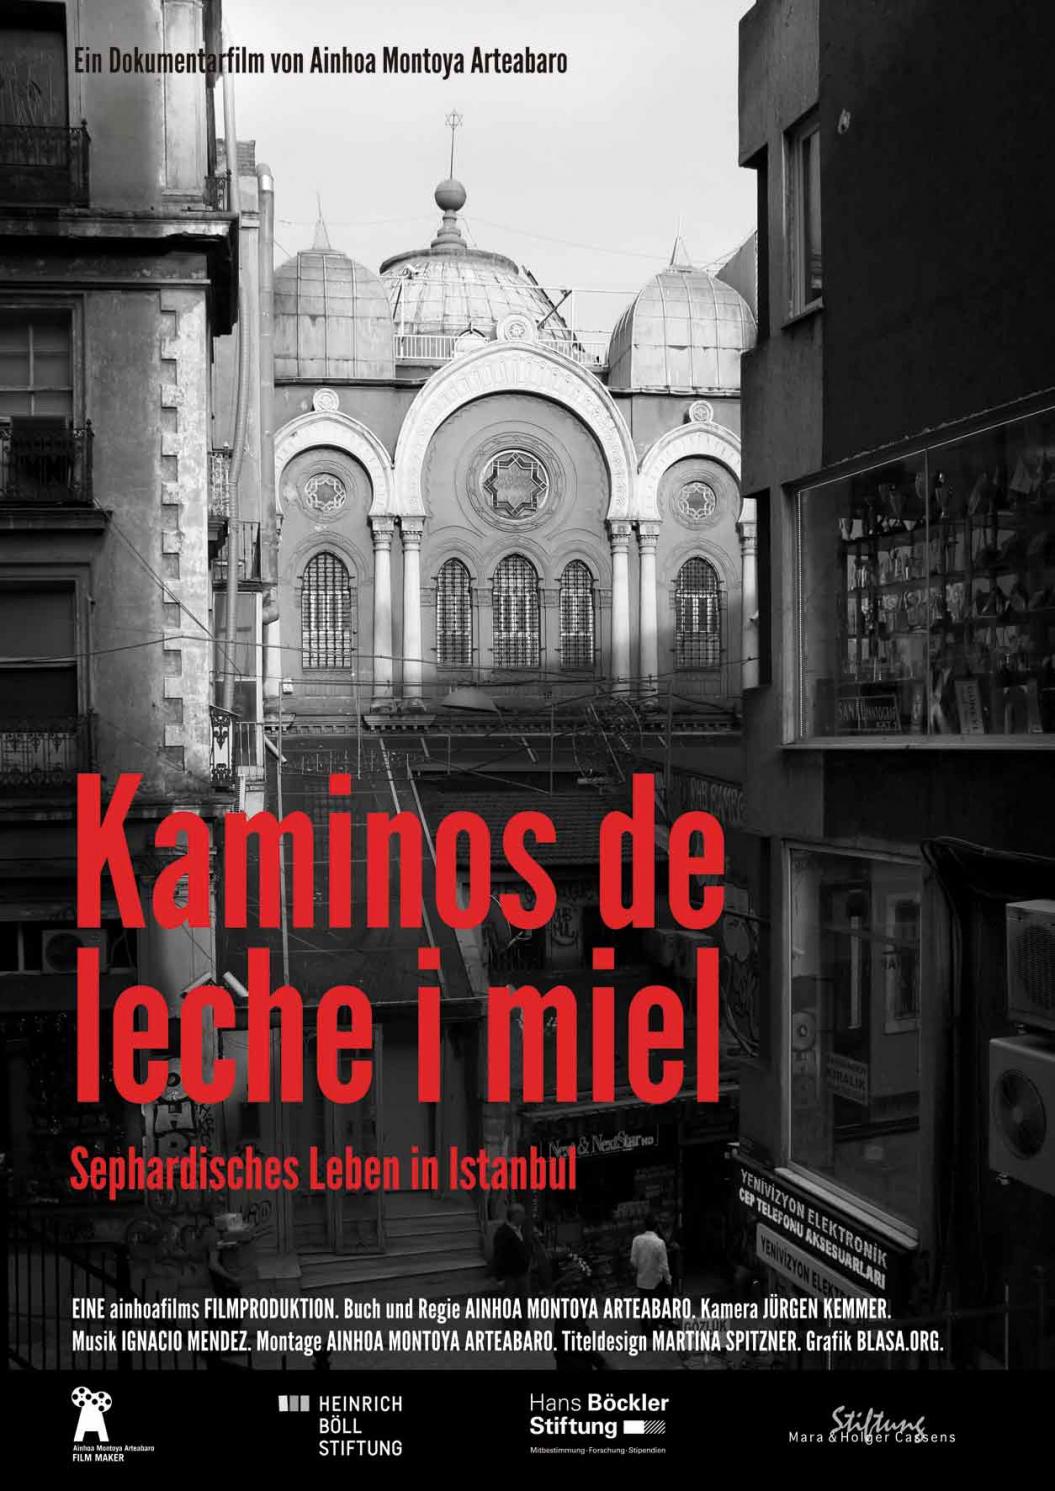 Filmplakat mit dem Foto einer Synagoge in Instanbul